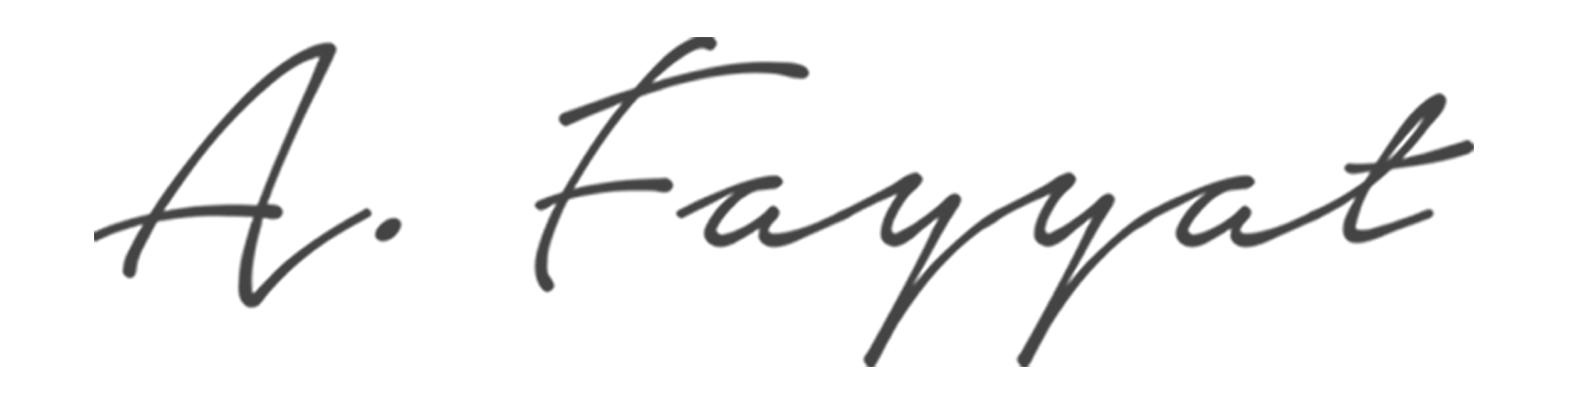 A. Fayyat Signature